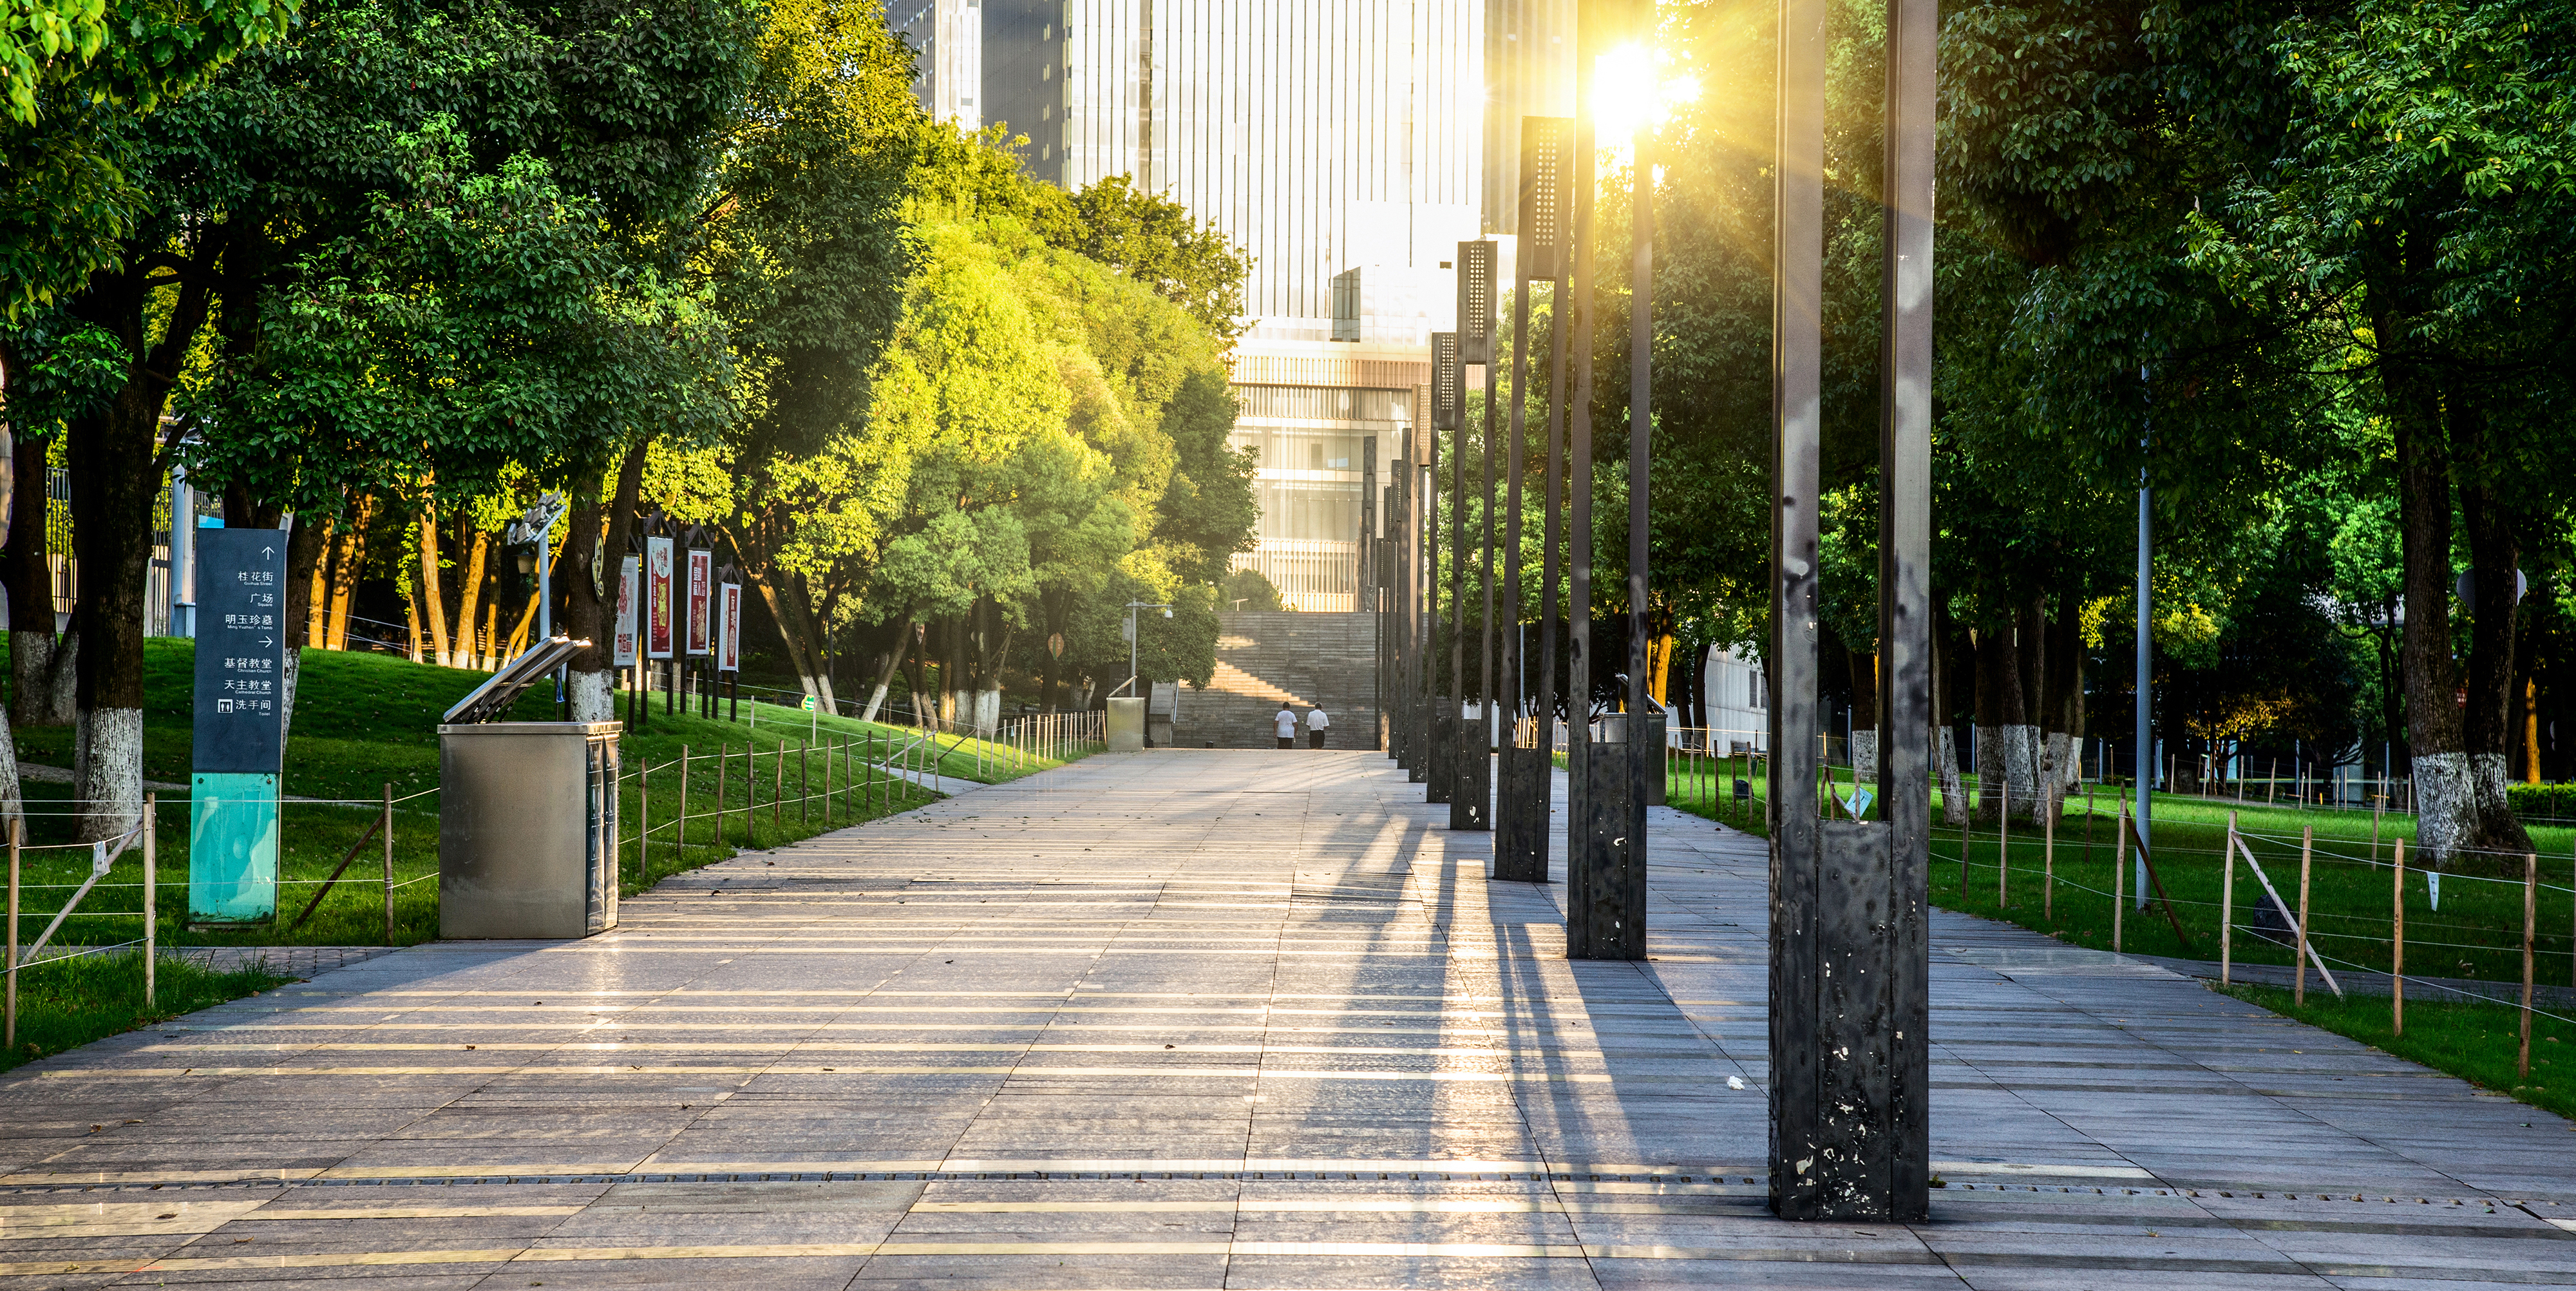 Paisagismo, parque, arquitetura urbana